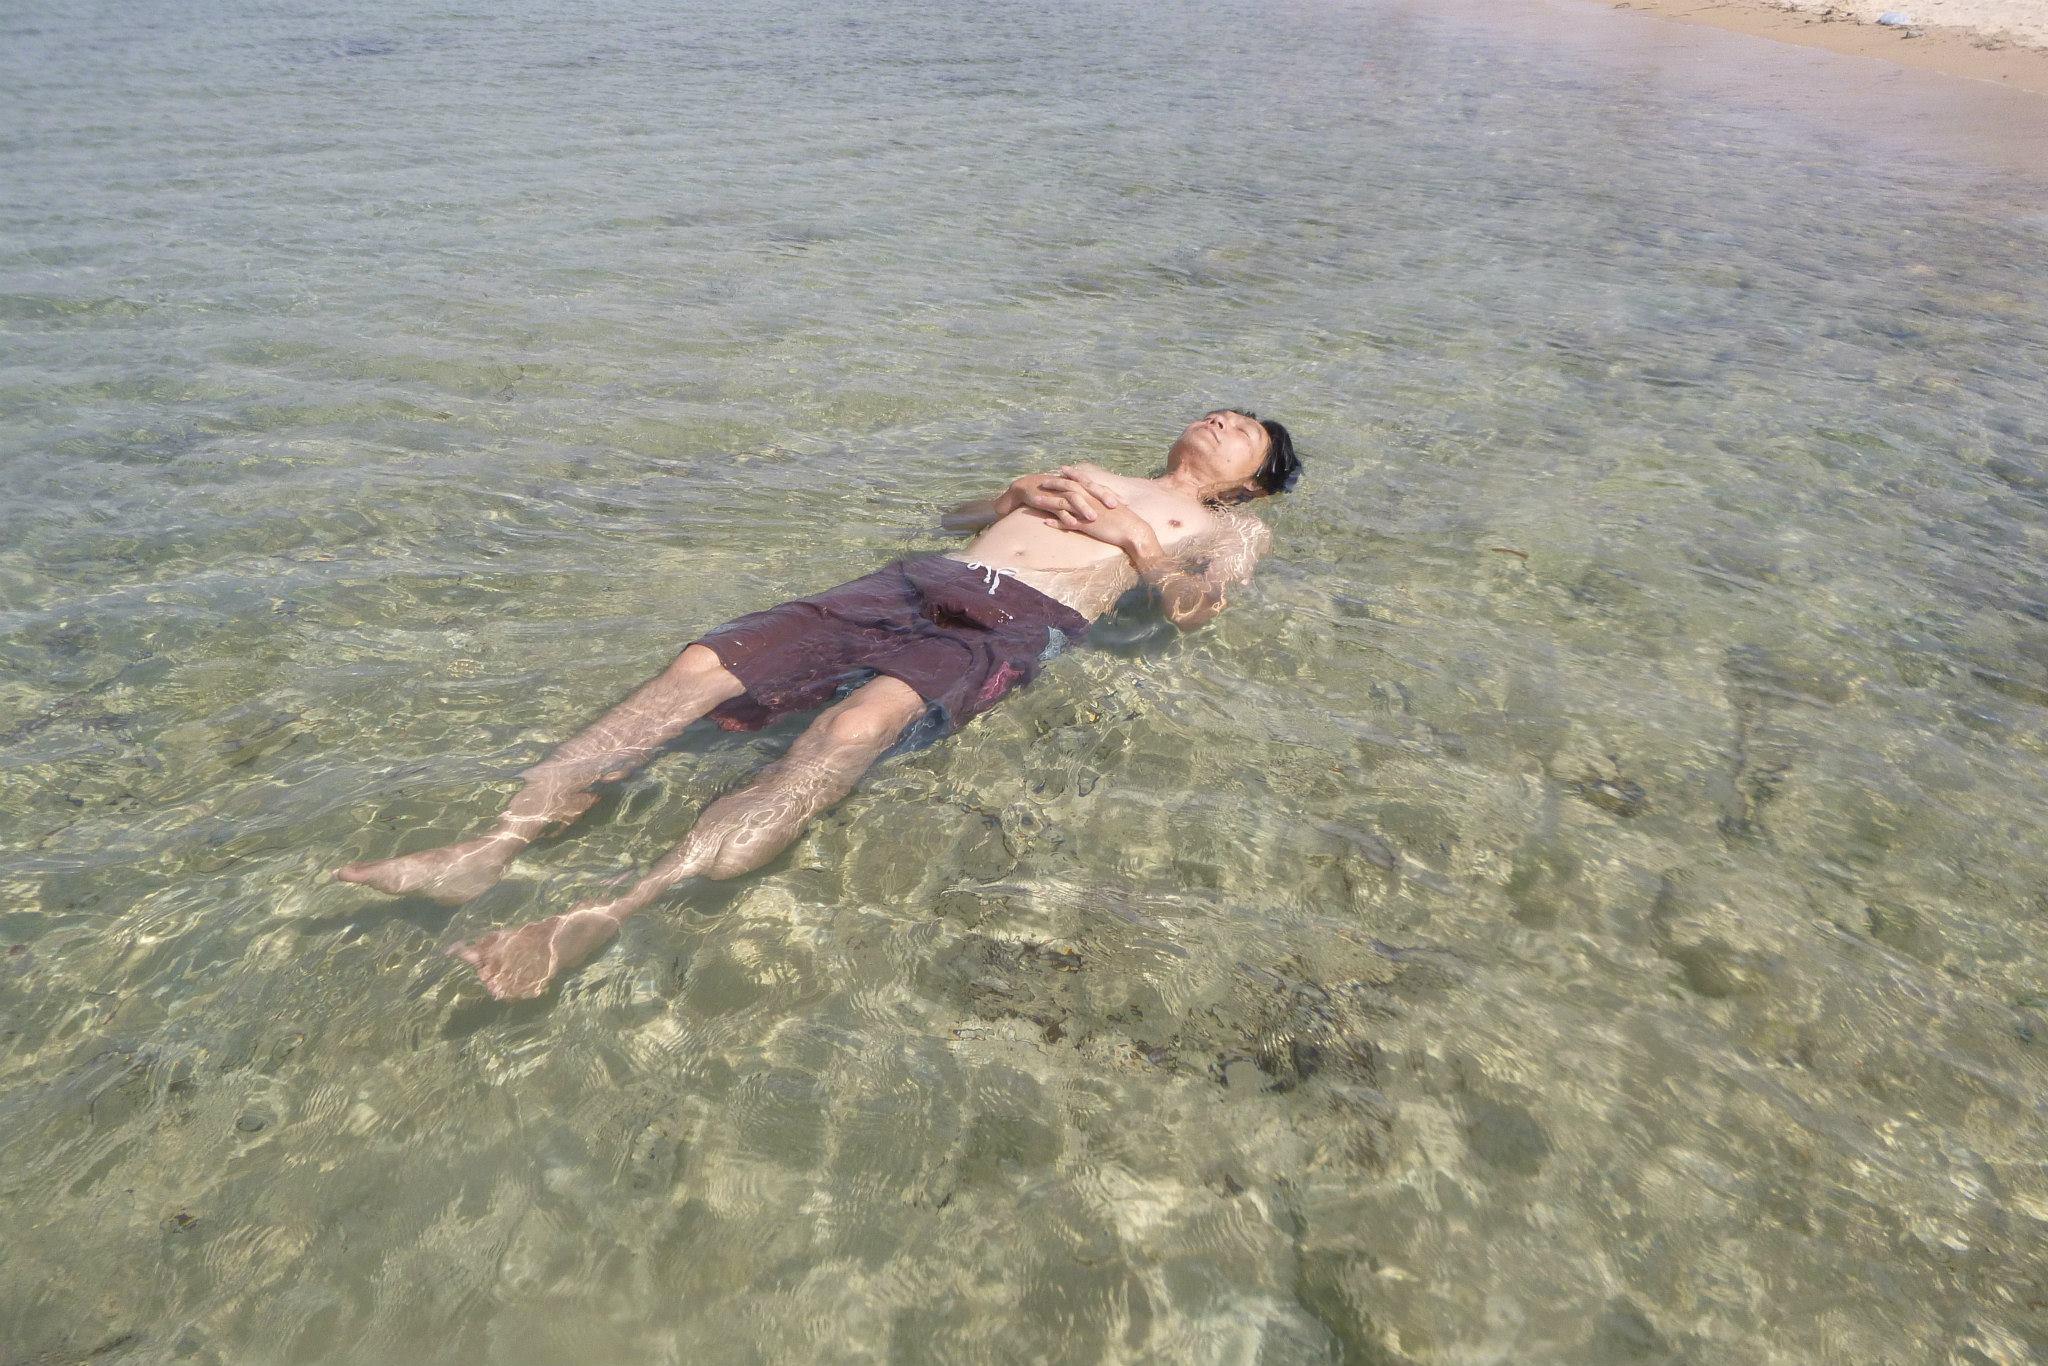 Japonais plage port au prince tunisie